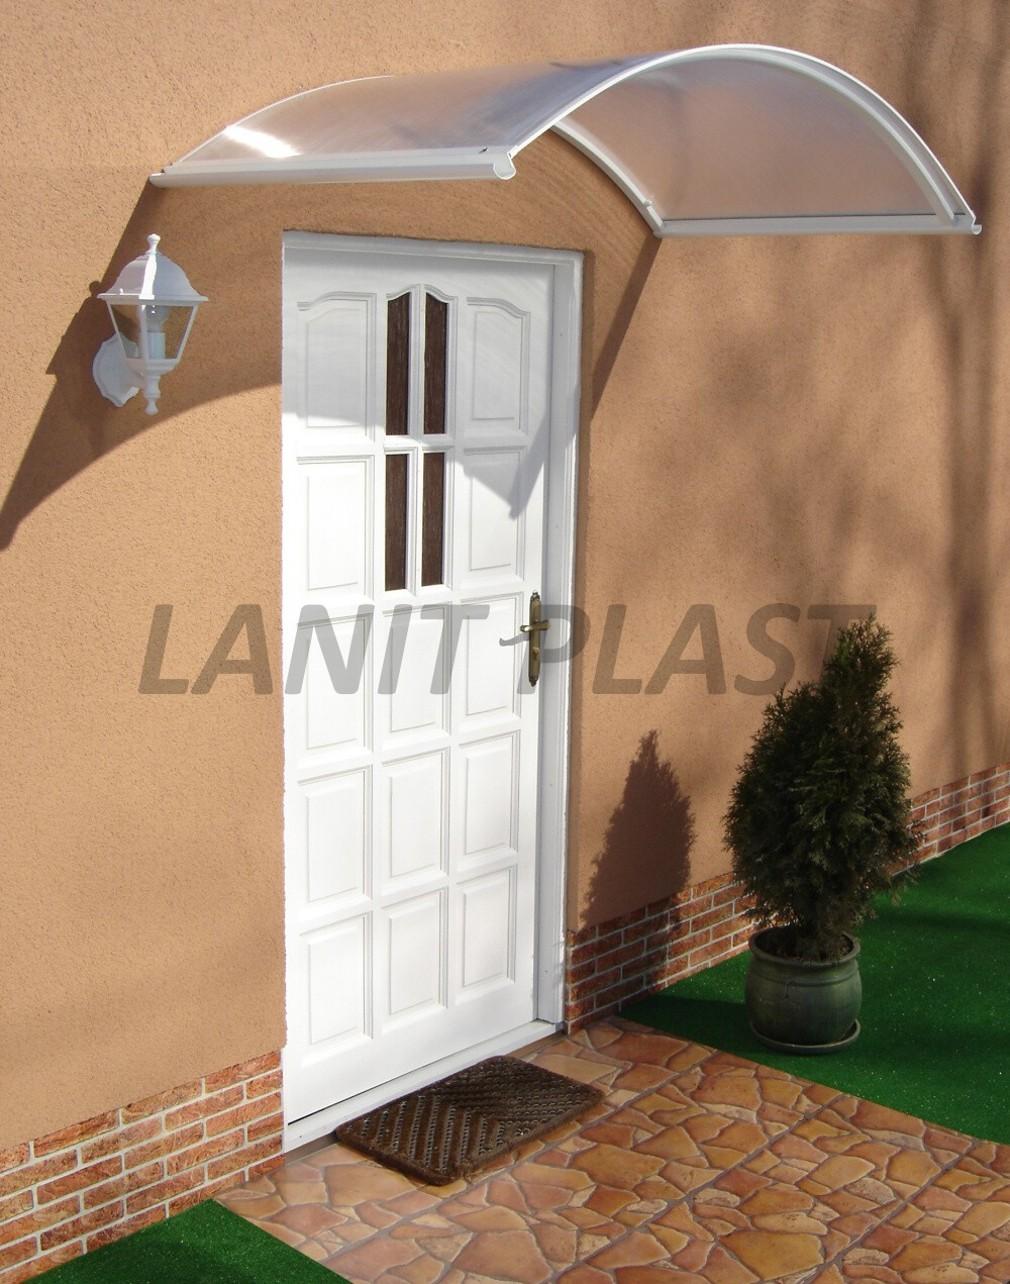 Vchodová stříška TOPAZ 130 bílá LANITPLAST